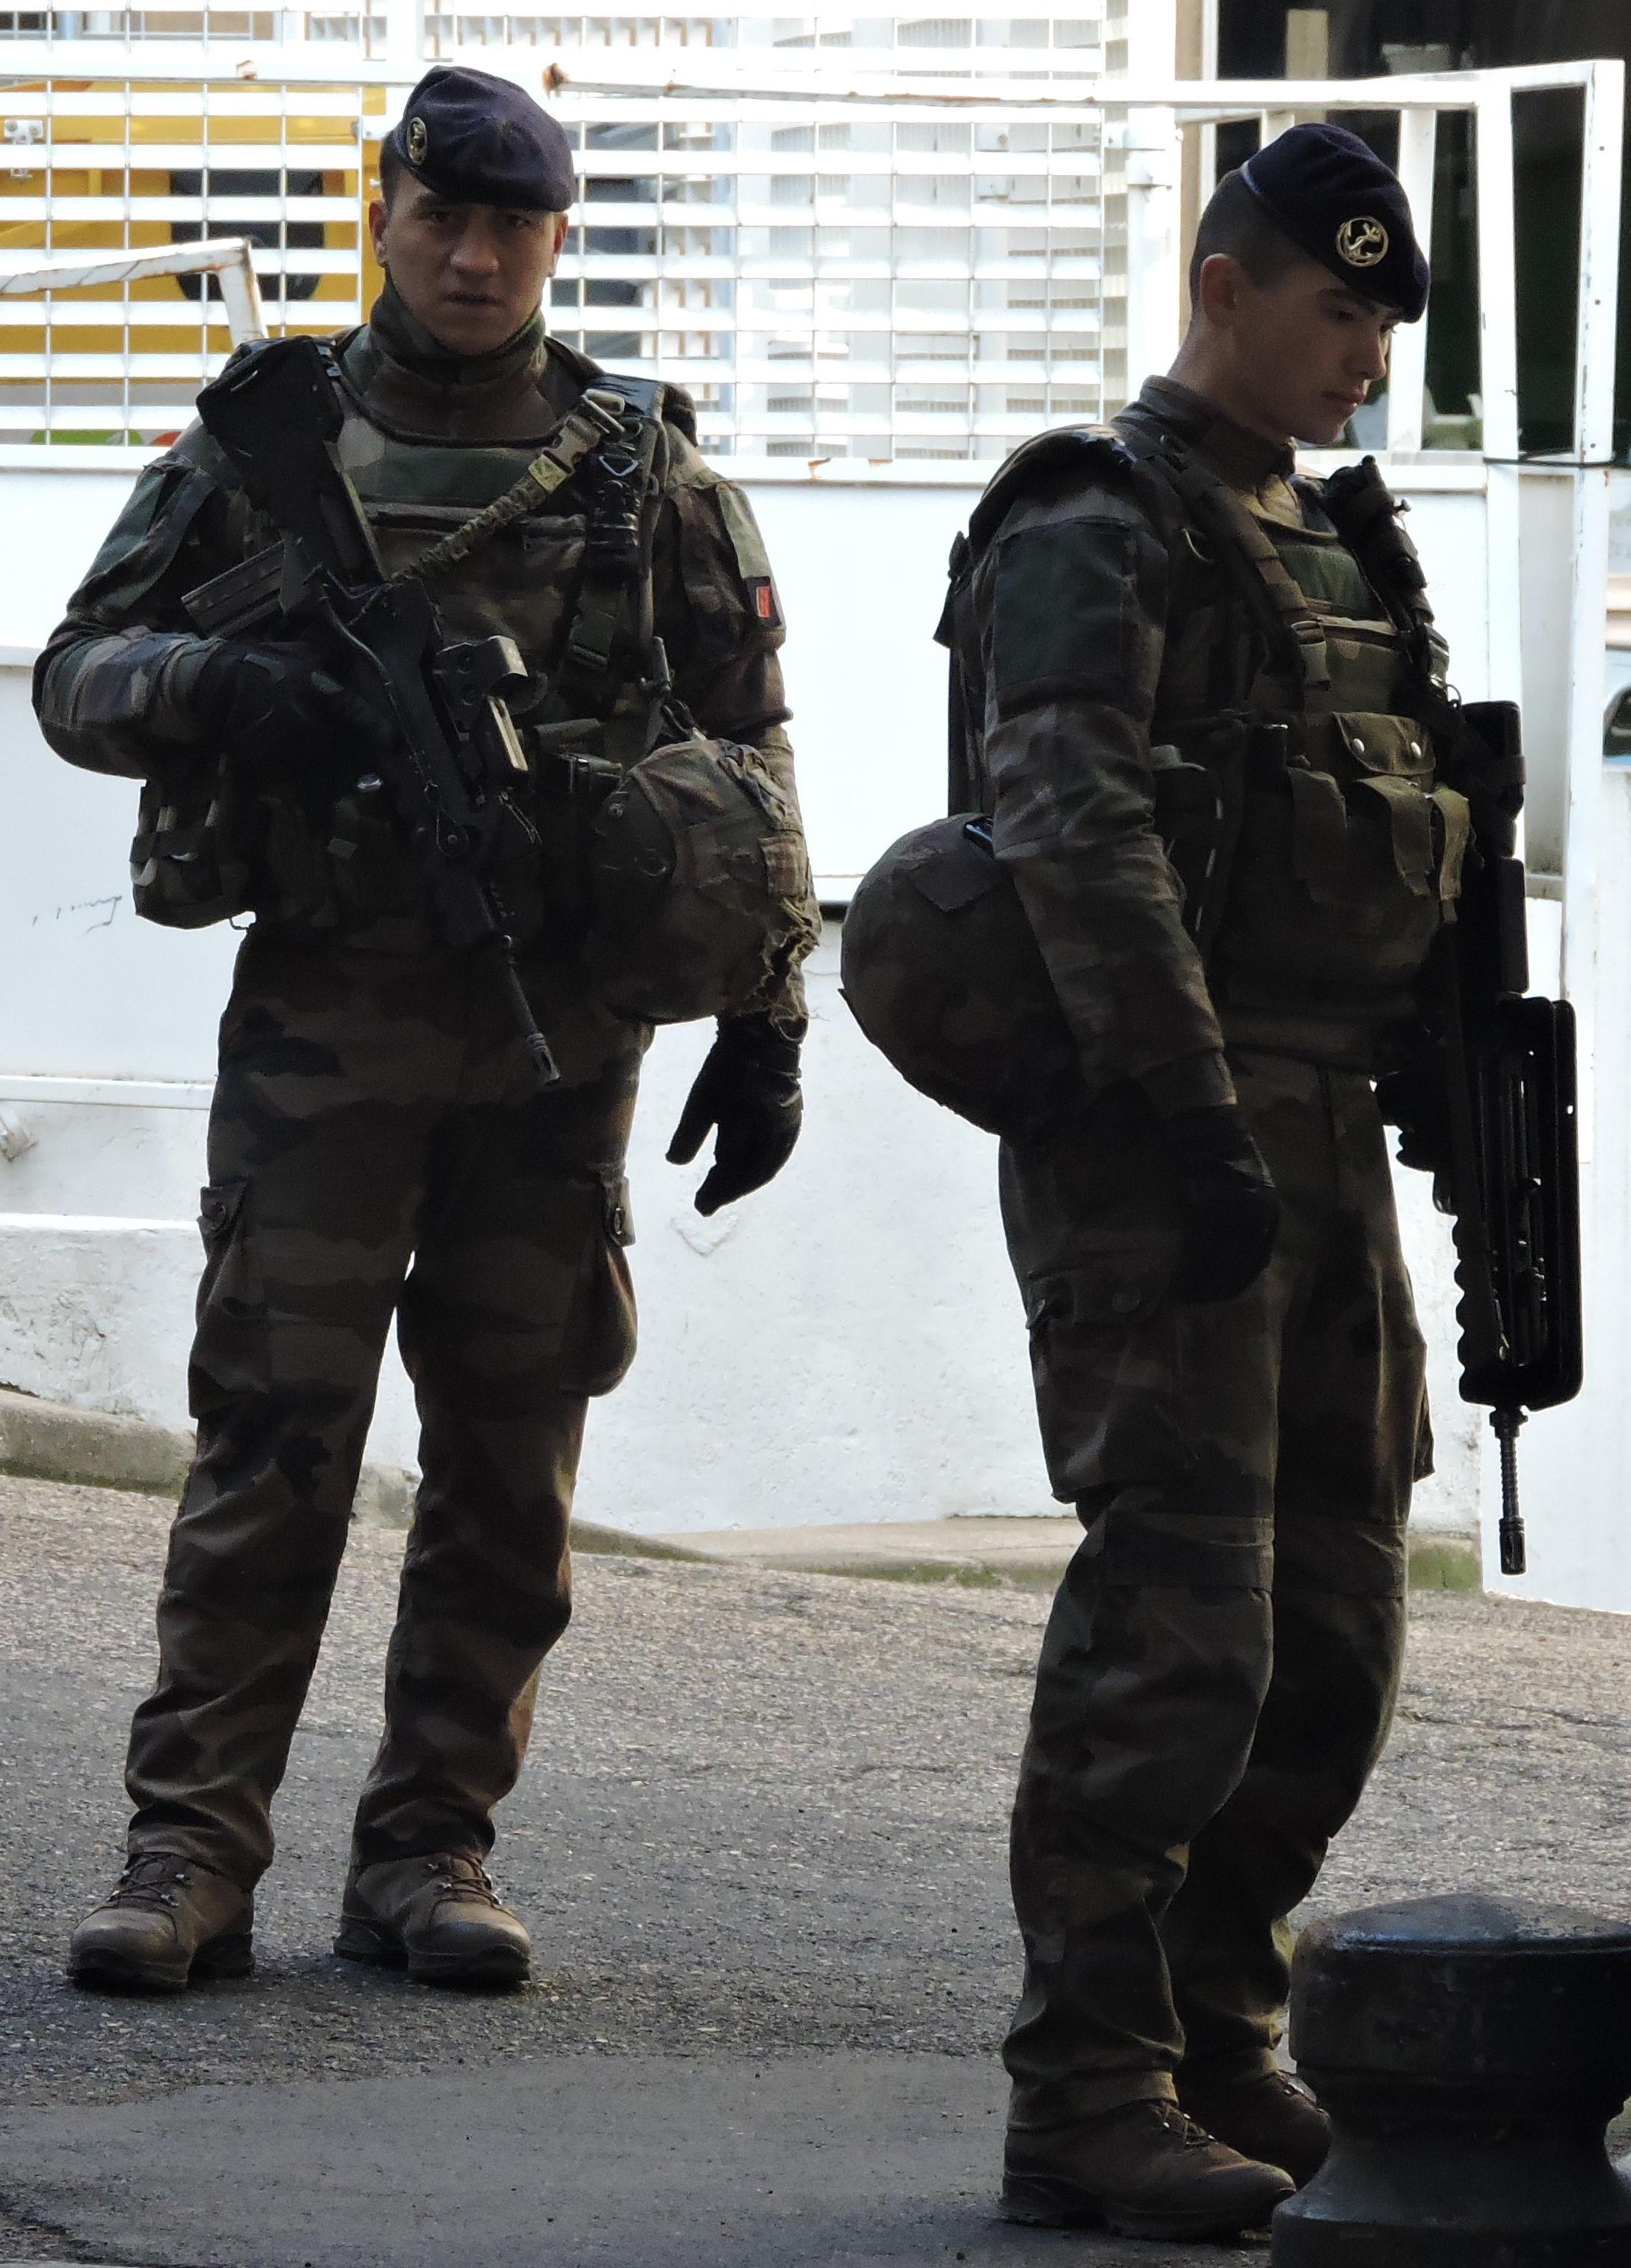 """Terrorismusförderung und """"Kulturbereicherung"""" in Merkeldeutschland ..."""